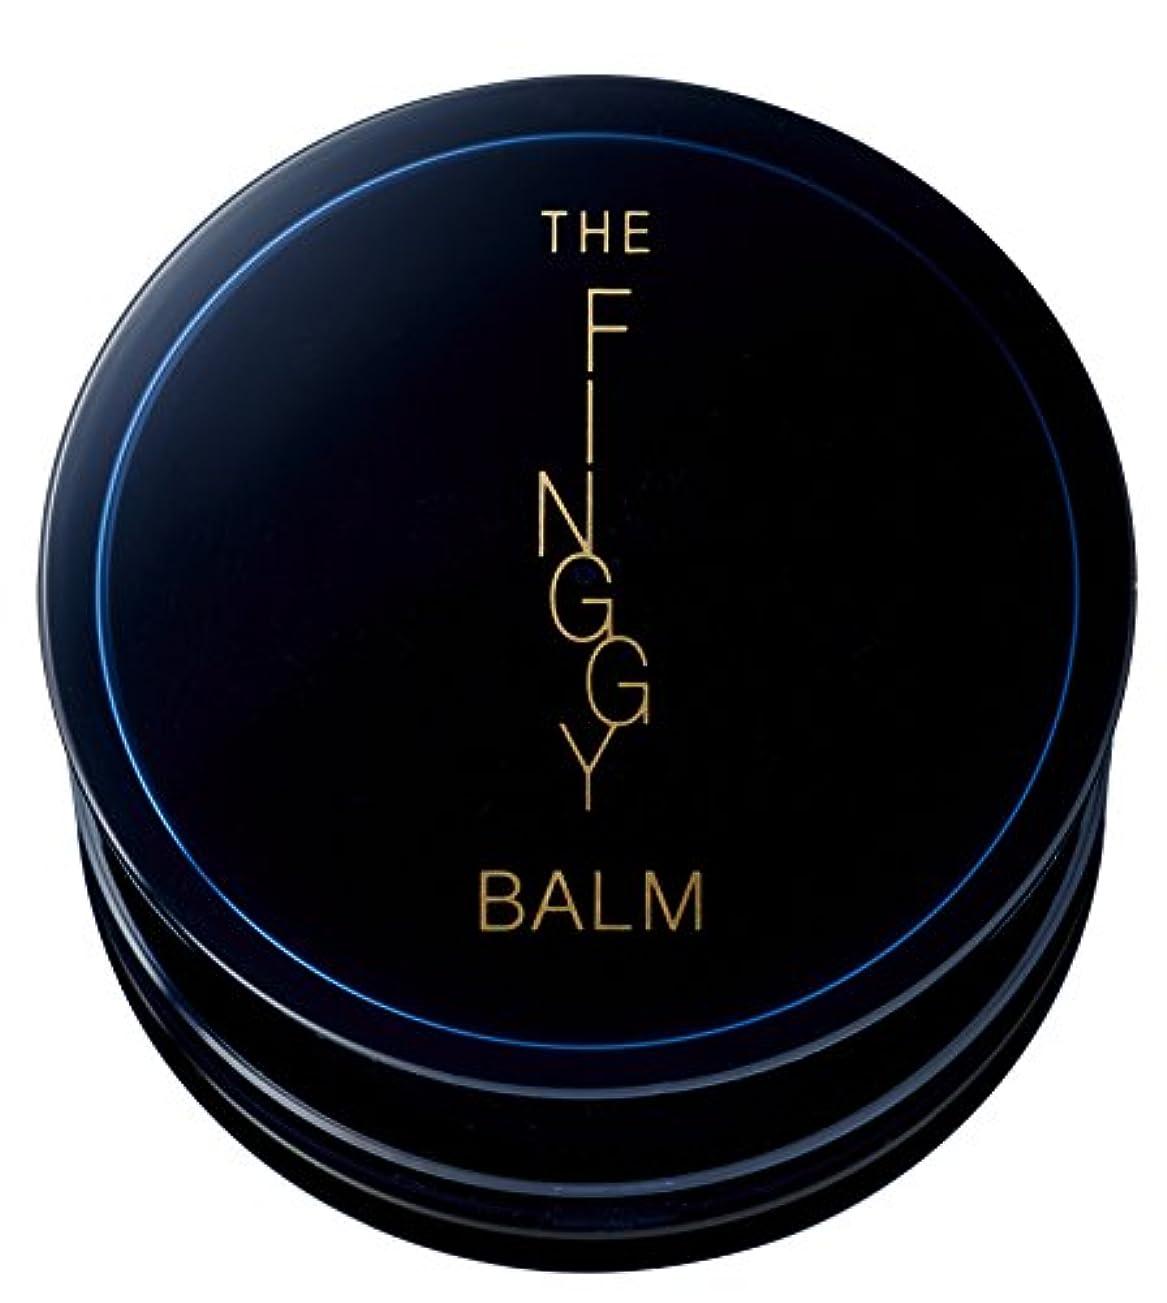 コマースオフ適性FINGGY BALM スキンプロテクター